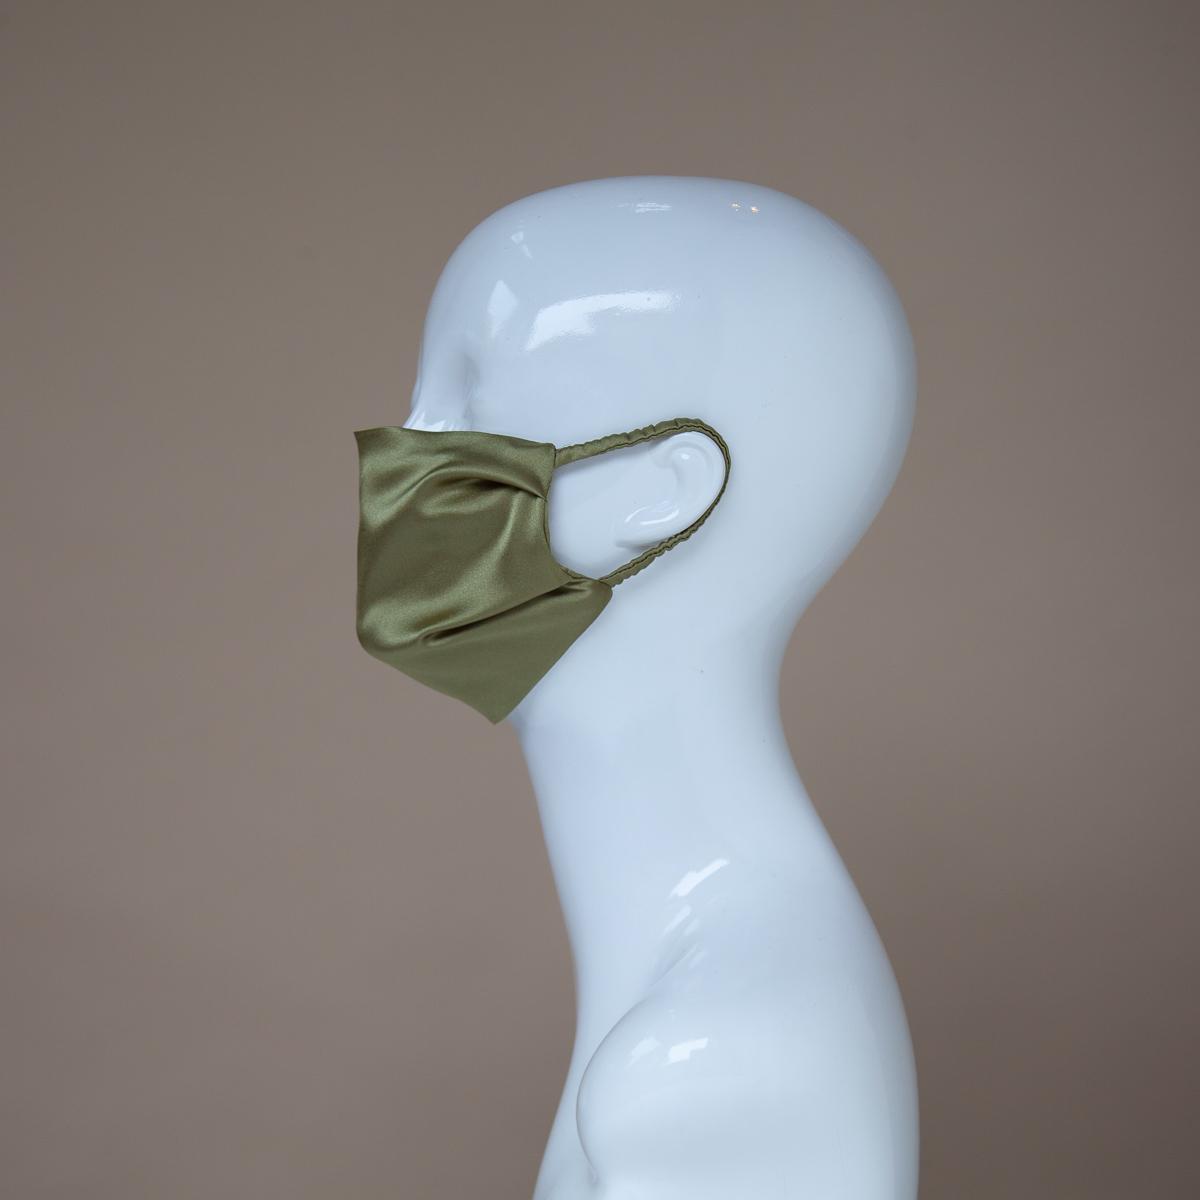 夏マスク! 入荷のお知らせ